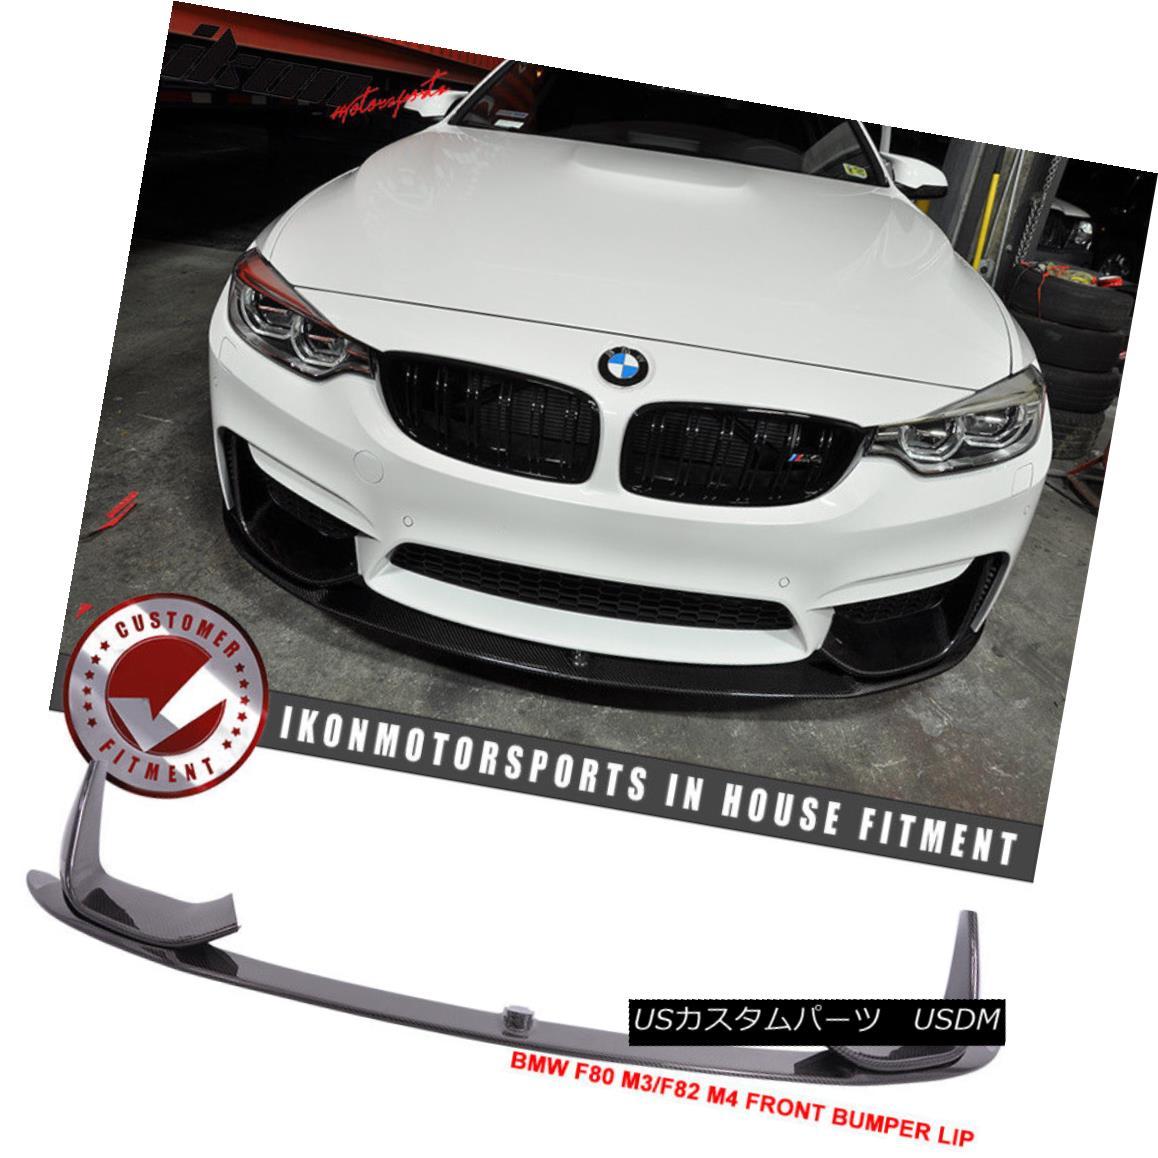 全商品オープニング価格! エアロパーツ Fits 3Pcs 15-17 BMW F80 M3 F82 M4 フィット15-17 M4 2Dr 4Dr Front Bumper Lip 3Pcs - Carbon Fiber CF フィット15-17 BMW F80 M3 F82 M4 2Dr 4Drフロントバンパーリップ3枚 - カーボンファイバーCF, 侍丸:5a6fcdbf --- kventurepartners.sakura.ne.jp